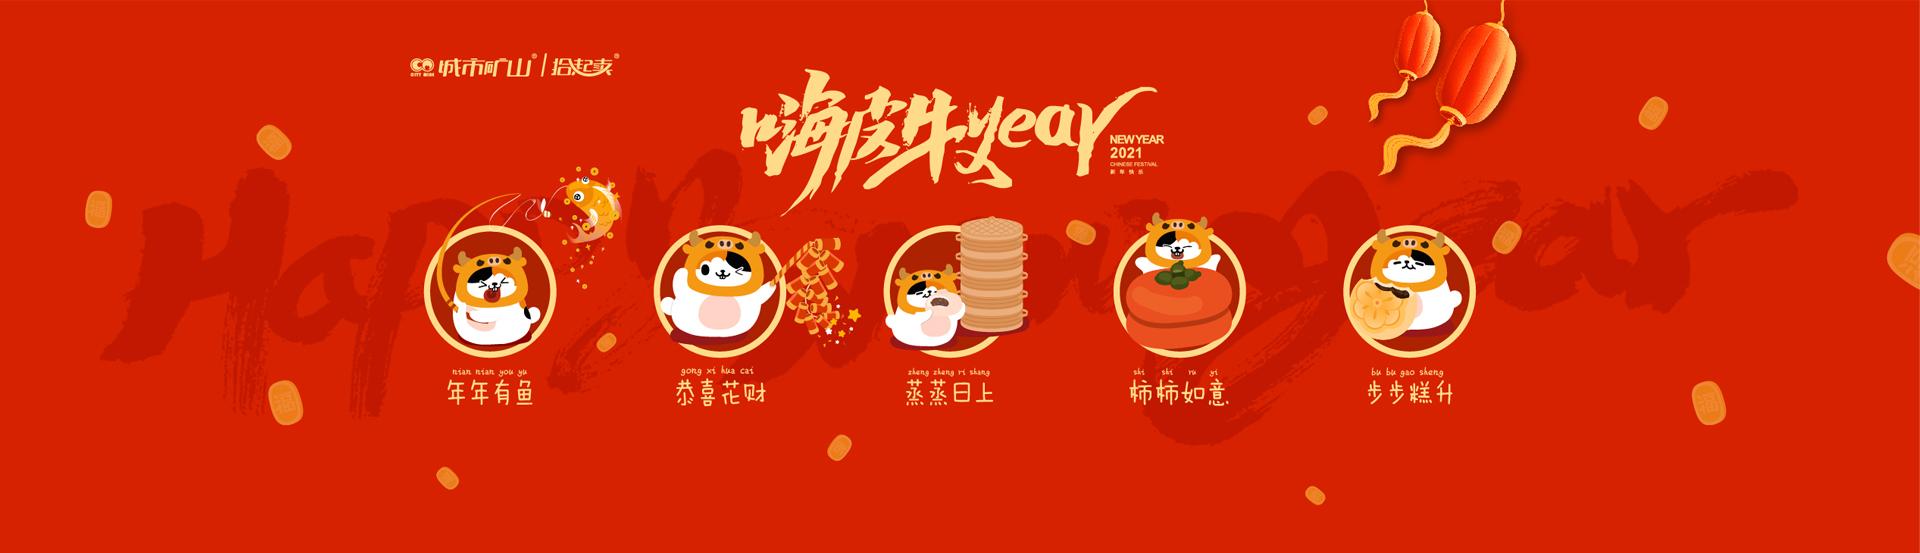 拾起卖 2021新年快乐 嗨皮牛year!